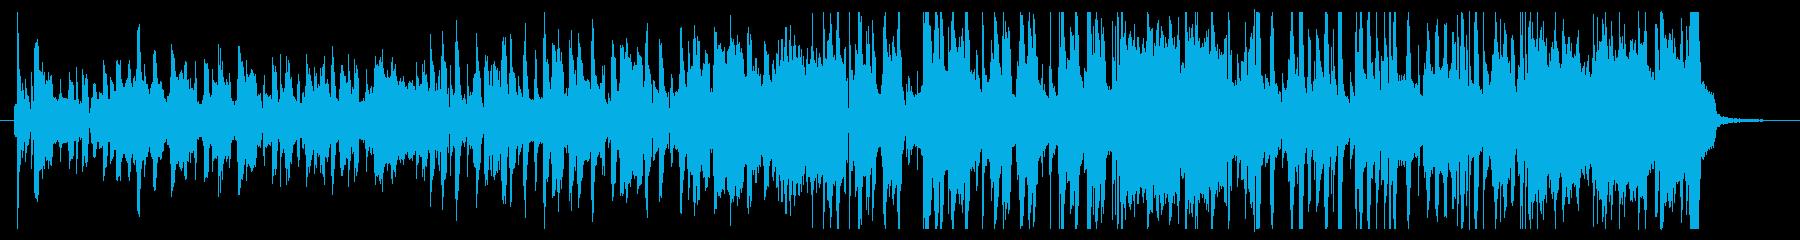 伝統的 ジャズ ビバップ ブルース...の再生済みの波形